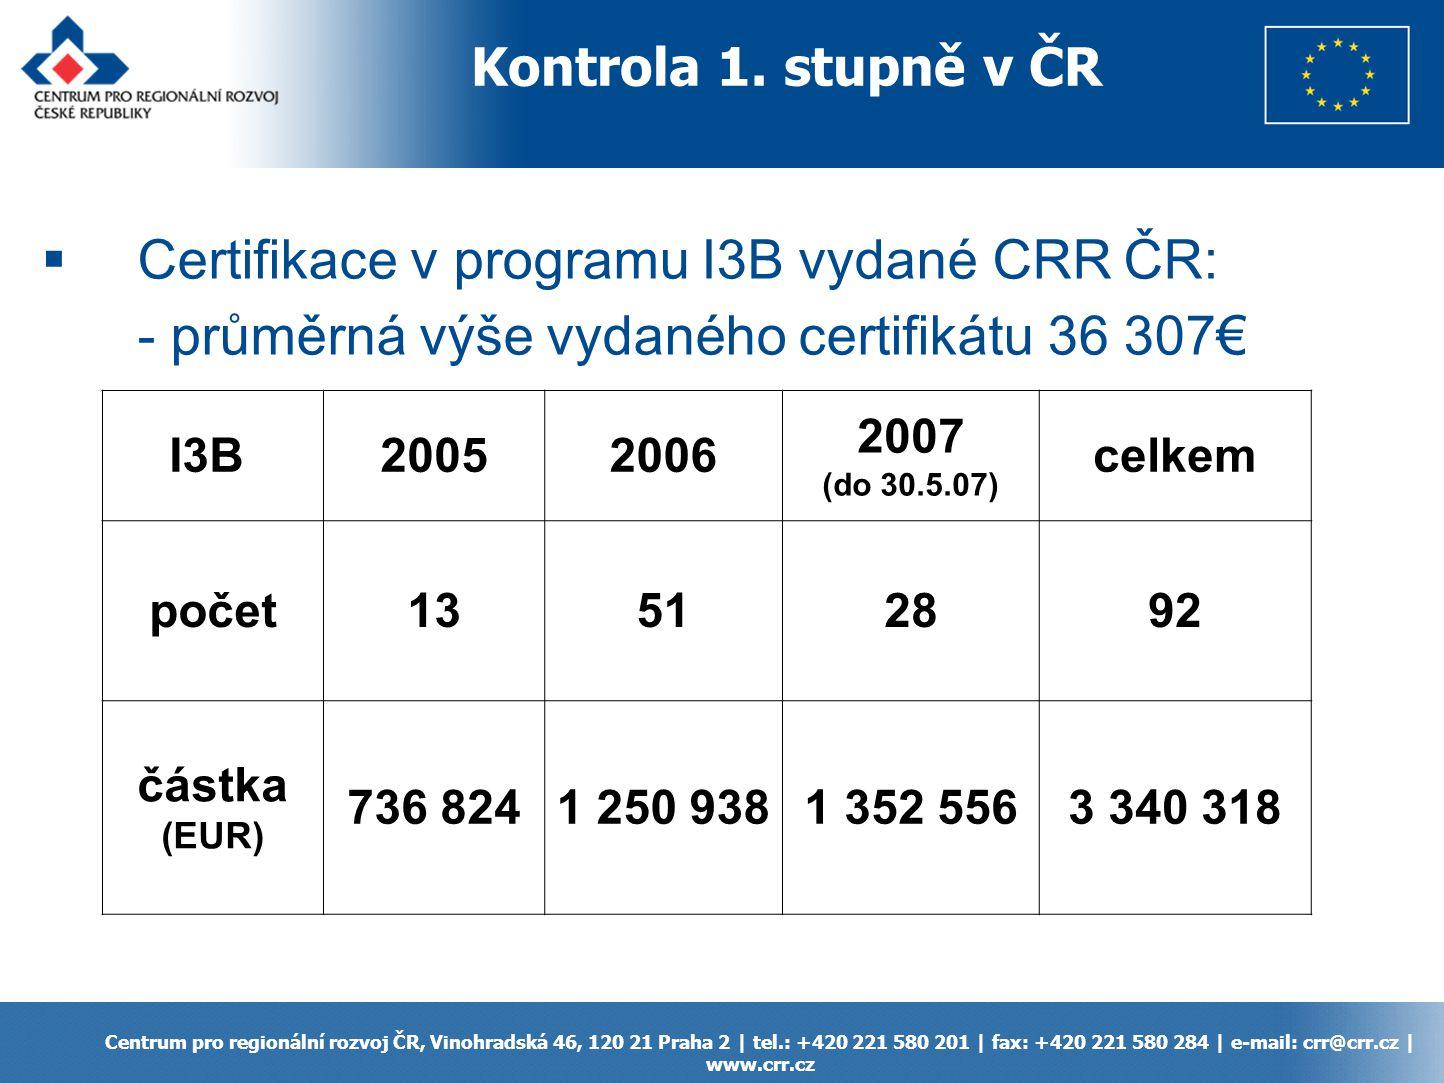 Centrum pro regionální rozvoj ČR, Vinohradská 46, 120 21 Praha 2   tel.: +420 221 580 201   fax: +420 221 580 284   e-mail: crr@crr.cz   www.crr.cz 1)Audit Manual http://www.cadses.net/media/files/News/audit-manual_final.pdf 2) Payment Claim Manual – součástí Project managment handbook http://www.cadses.net/media/files/2007-05-08_pmh_complete.pdf Manuály týkající se kontroly 1.